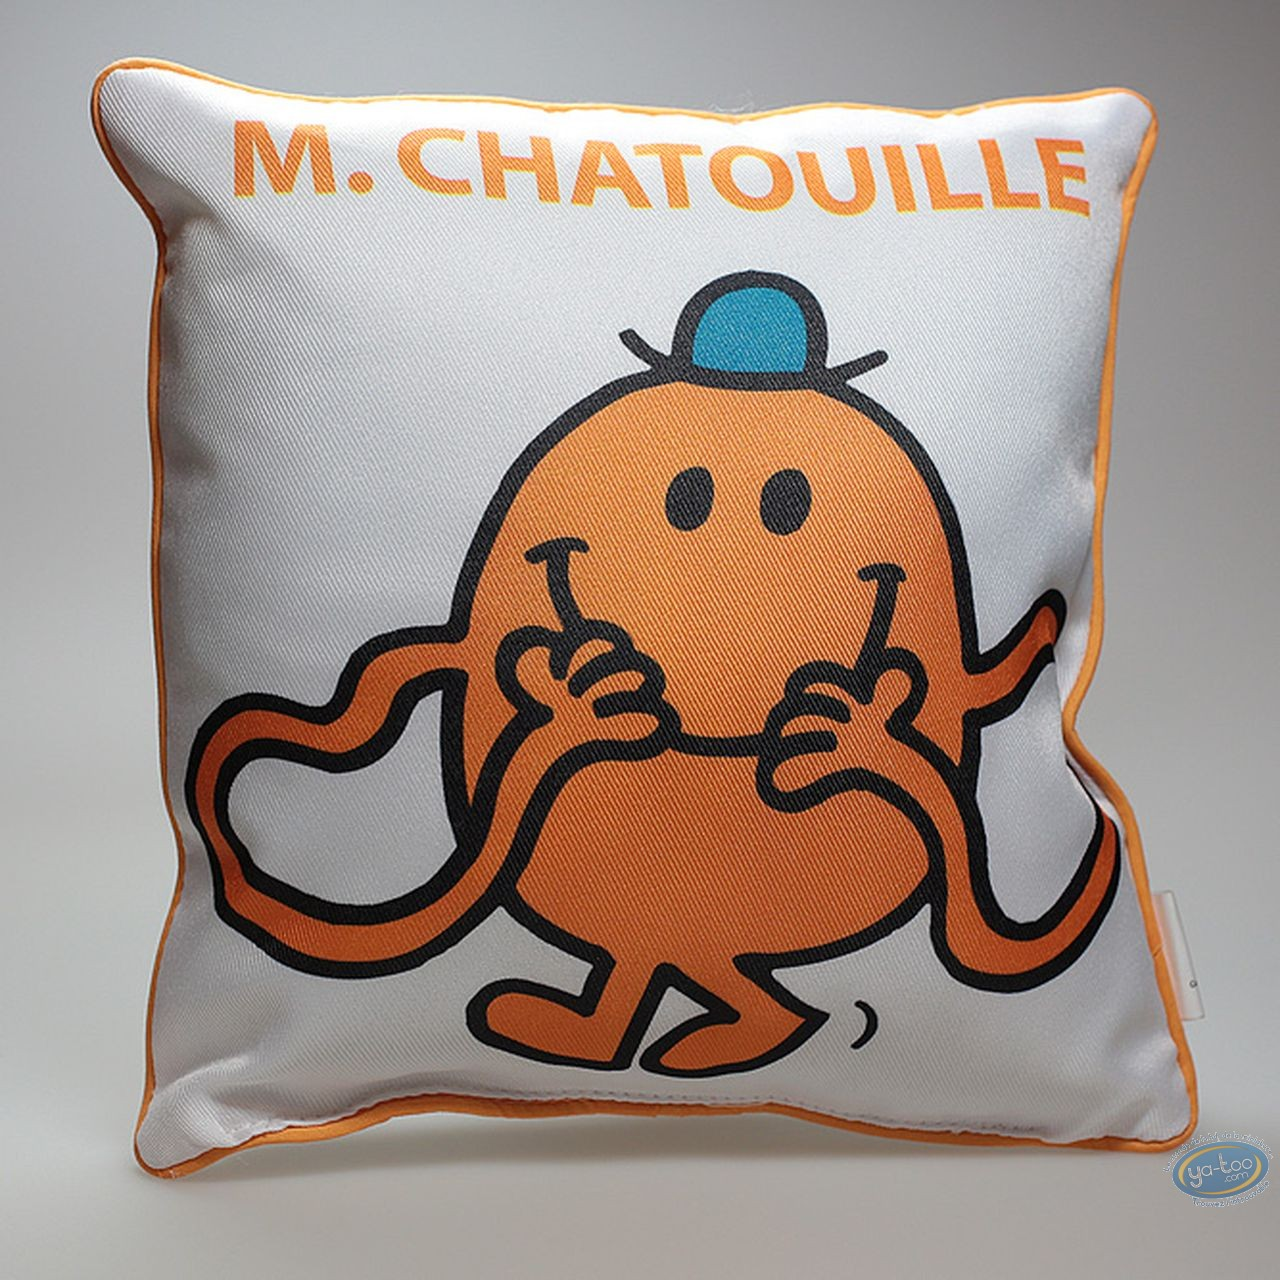 Déco, Monsieur et Madame : Coussin, Mr Chatouille : Blanc